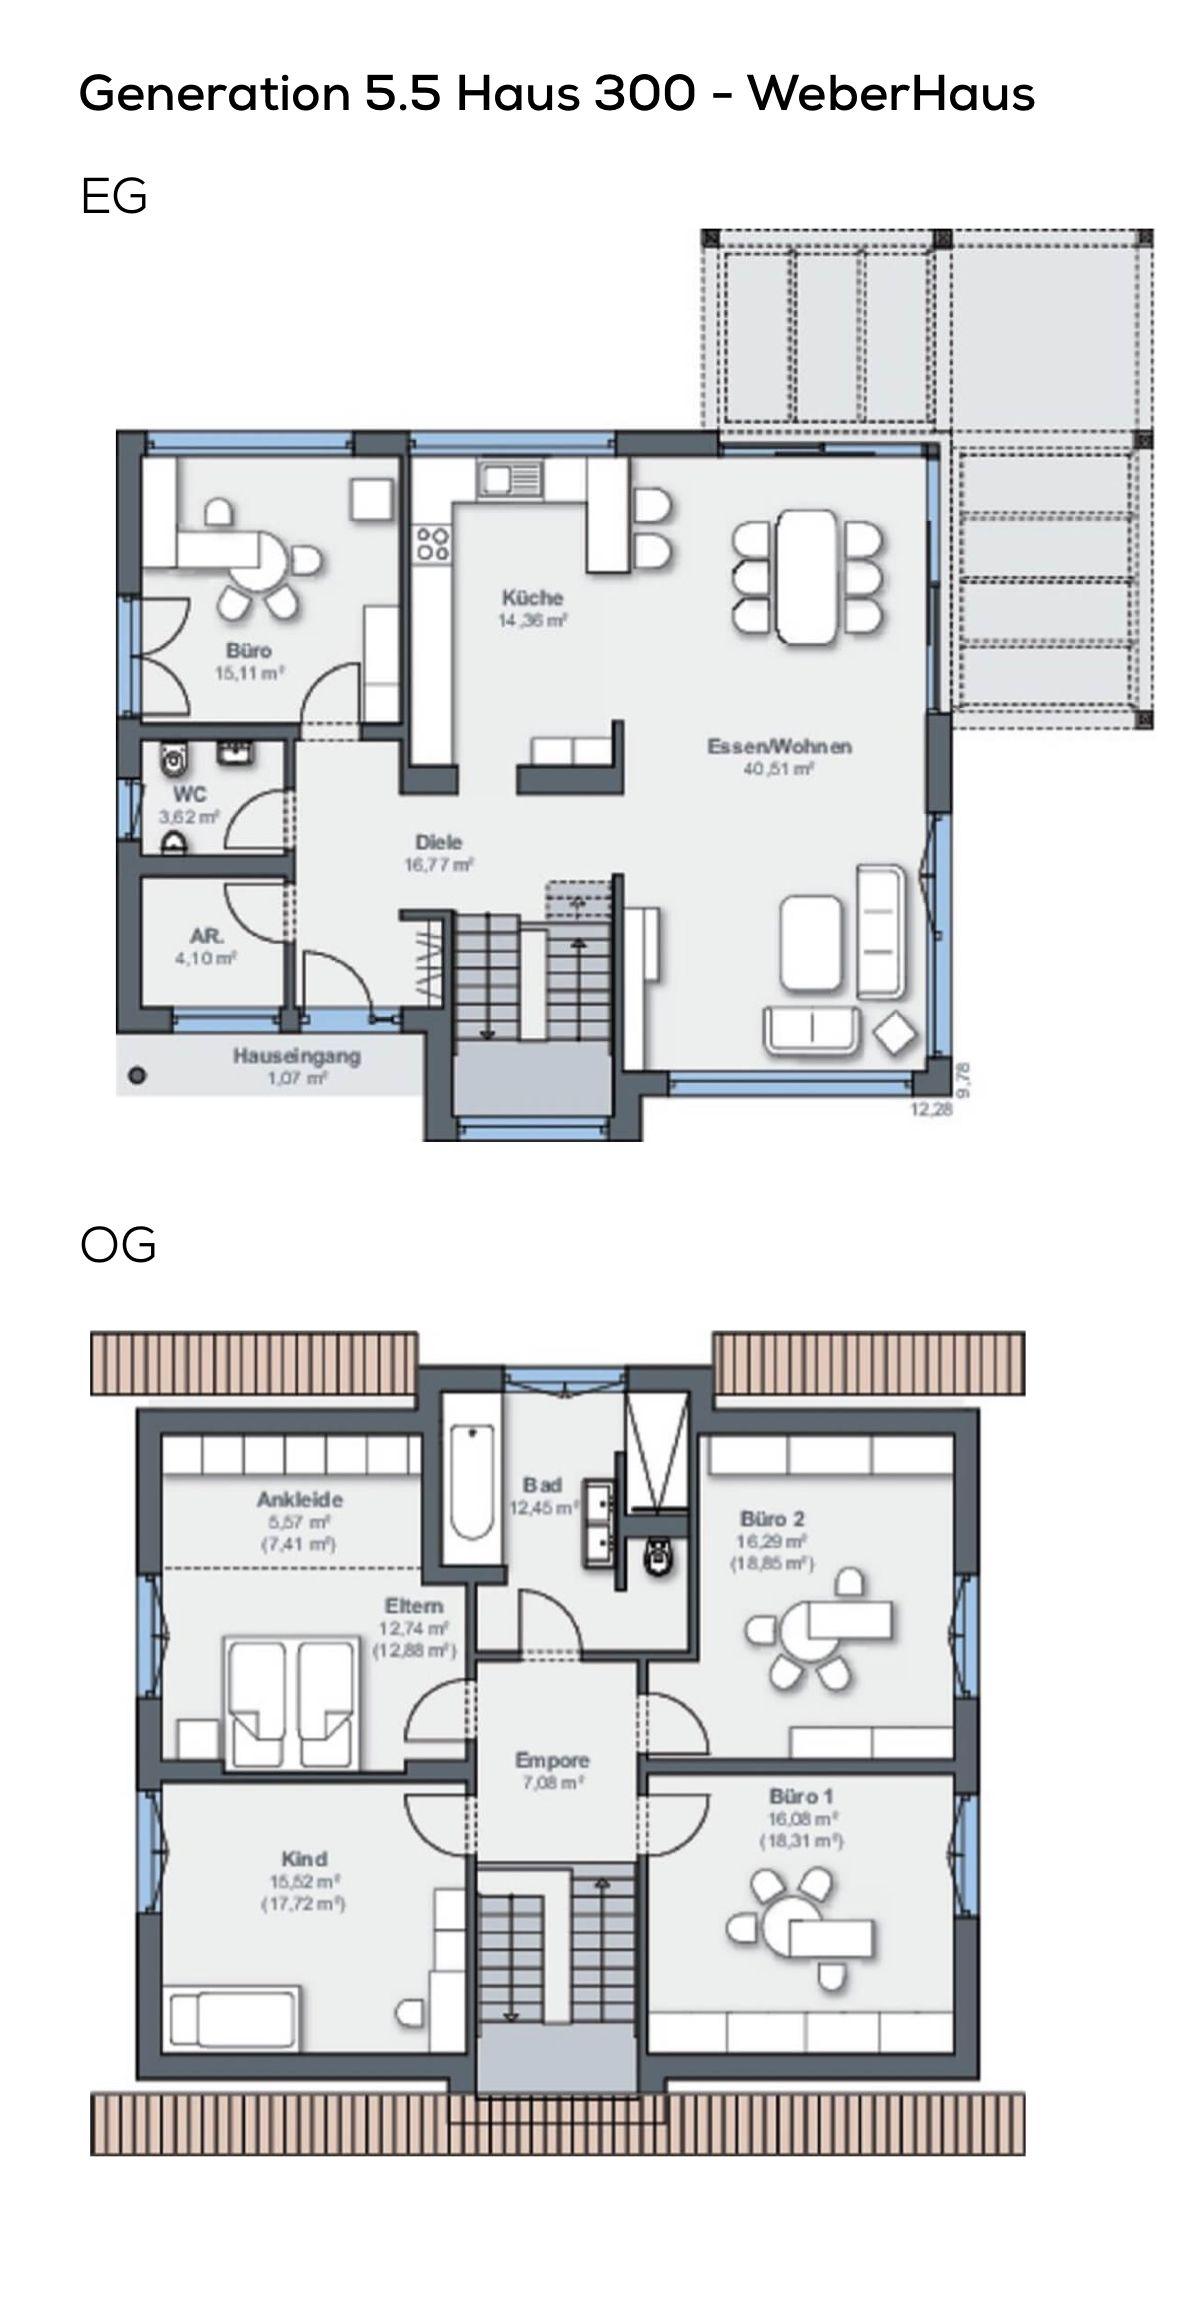 Grundriss einfamilienhaus modernes design mit satteldach for Modernes einfamilienhaus grundriss